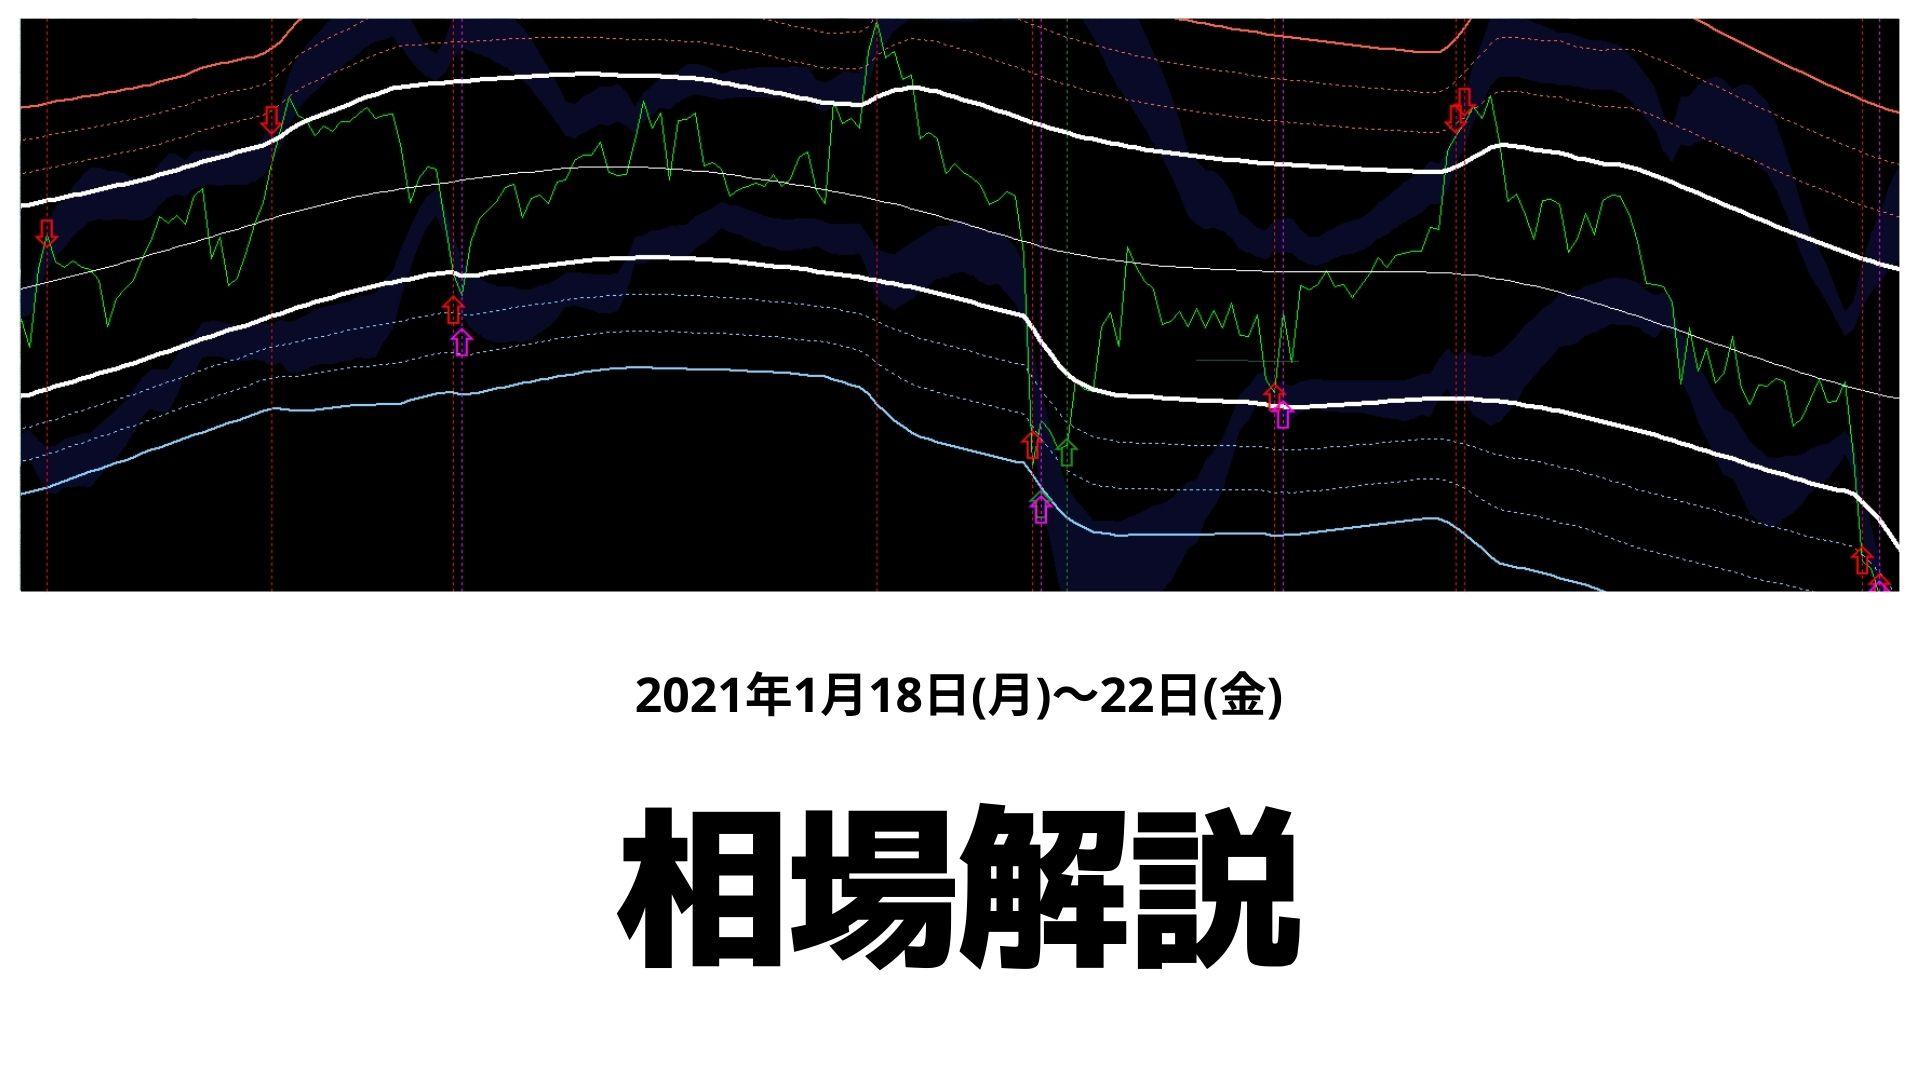 【相場解説】1/18(月)~22(金)